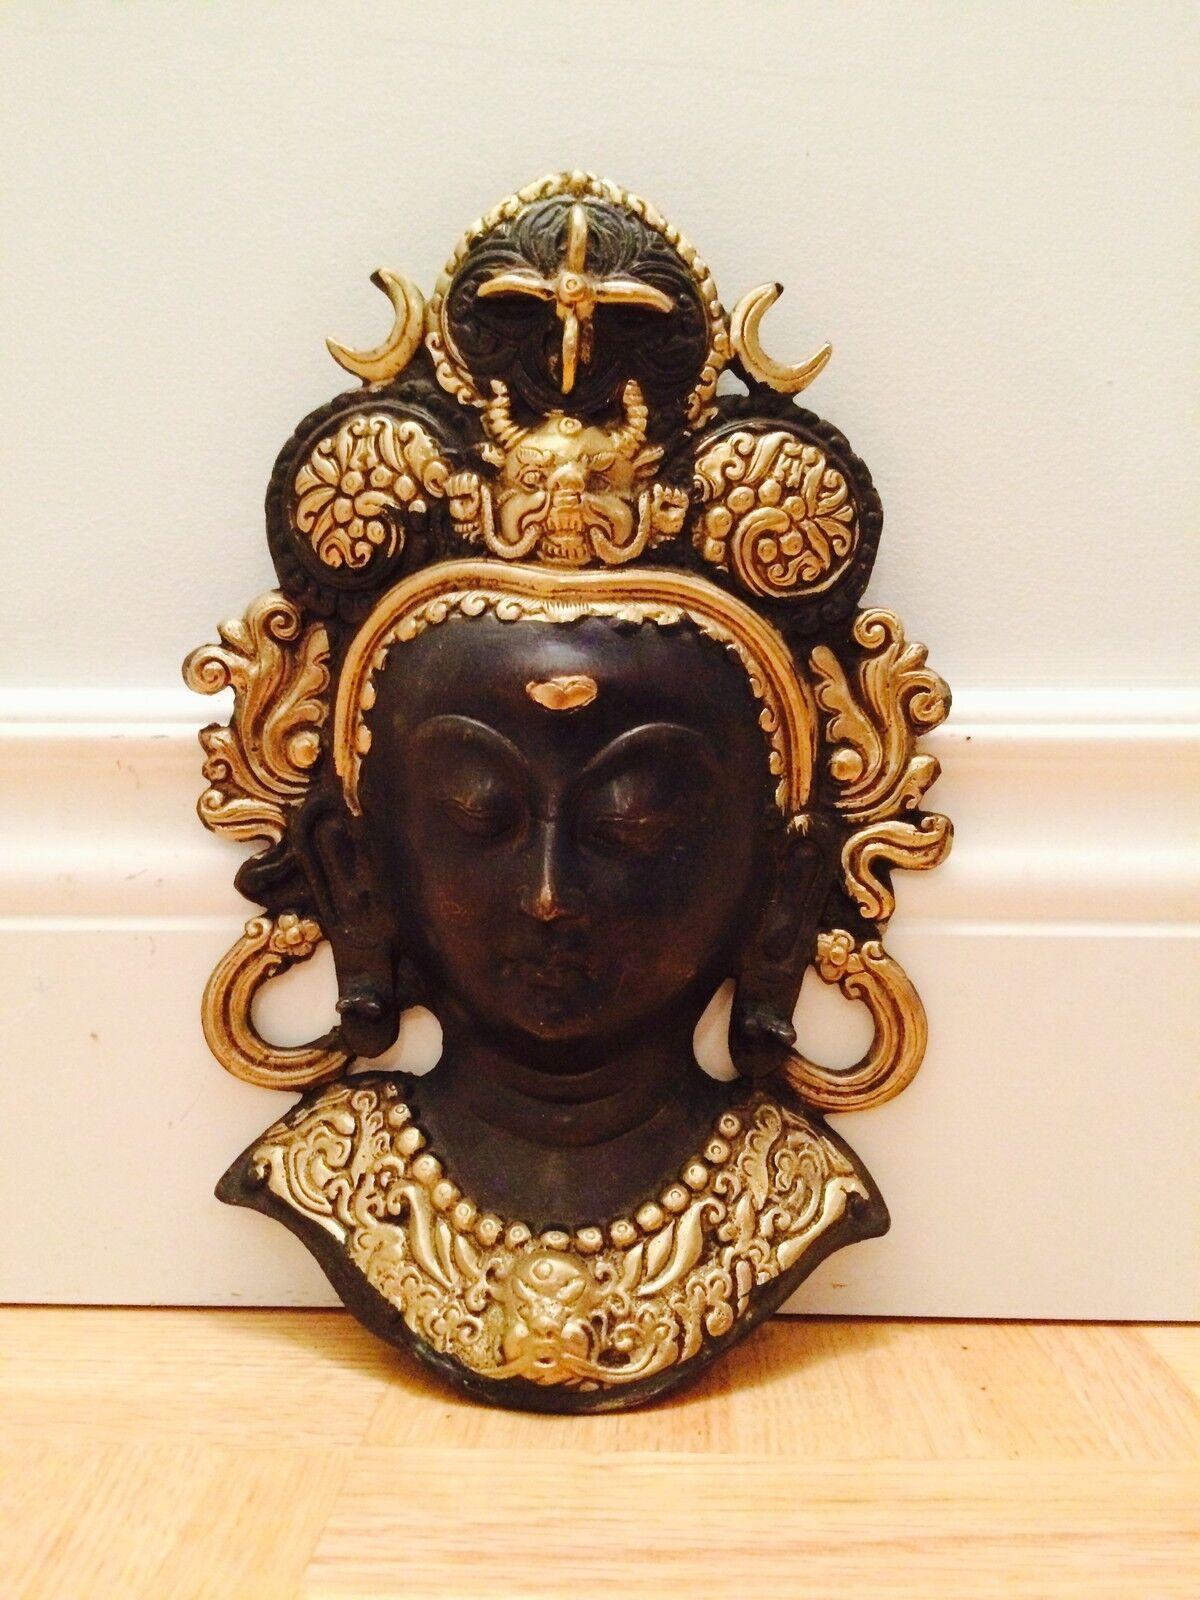 10  Budda Head Wall Hanging Statue